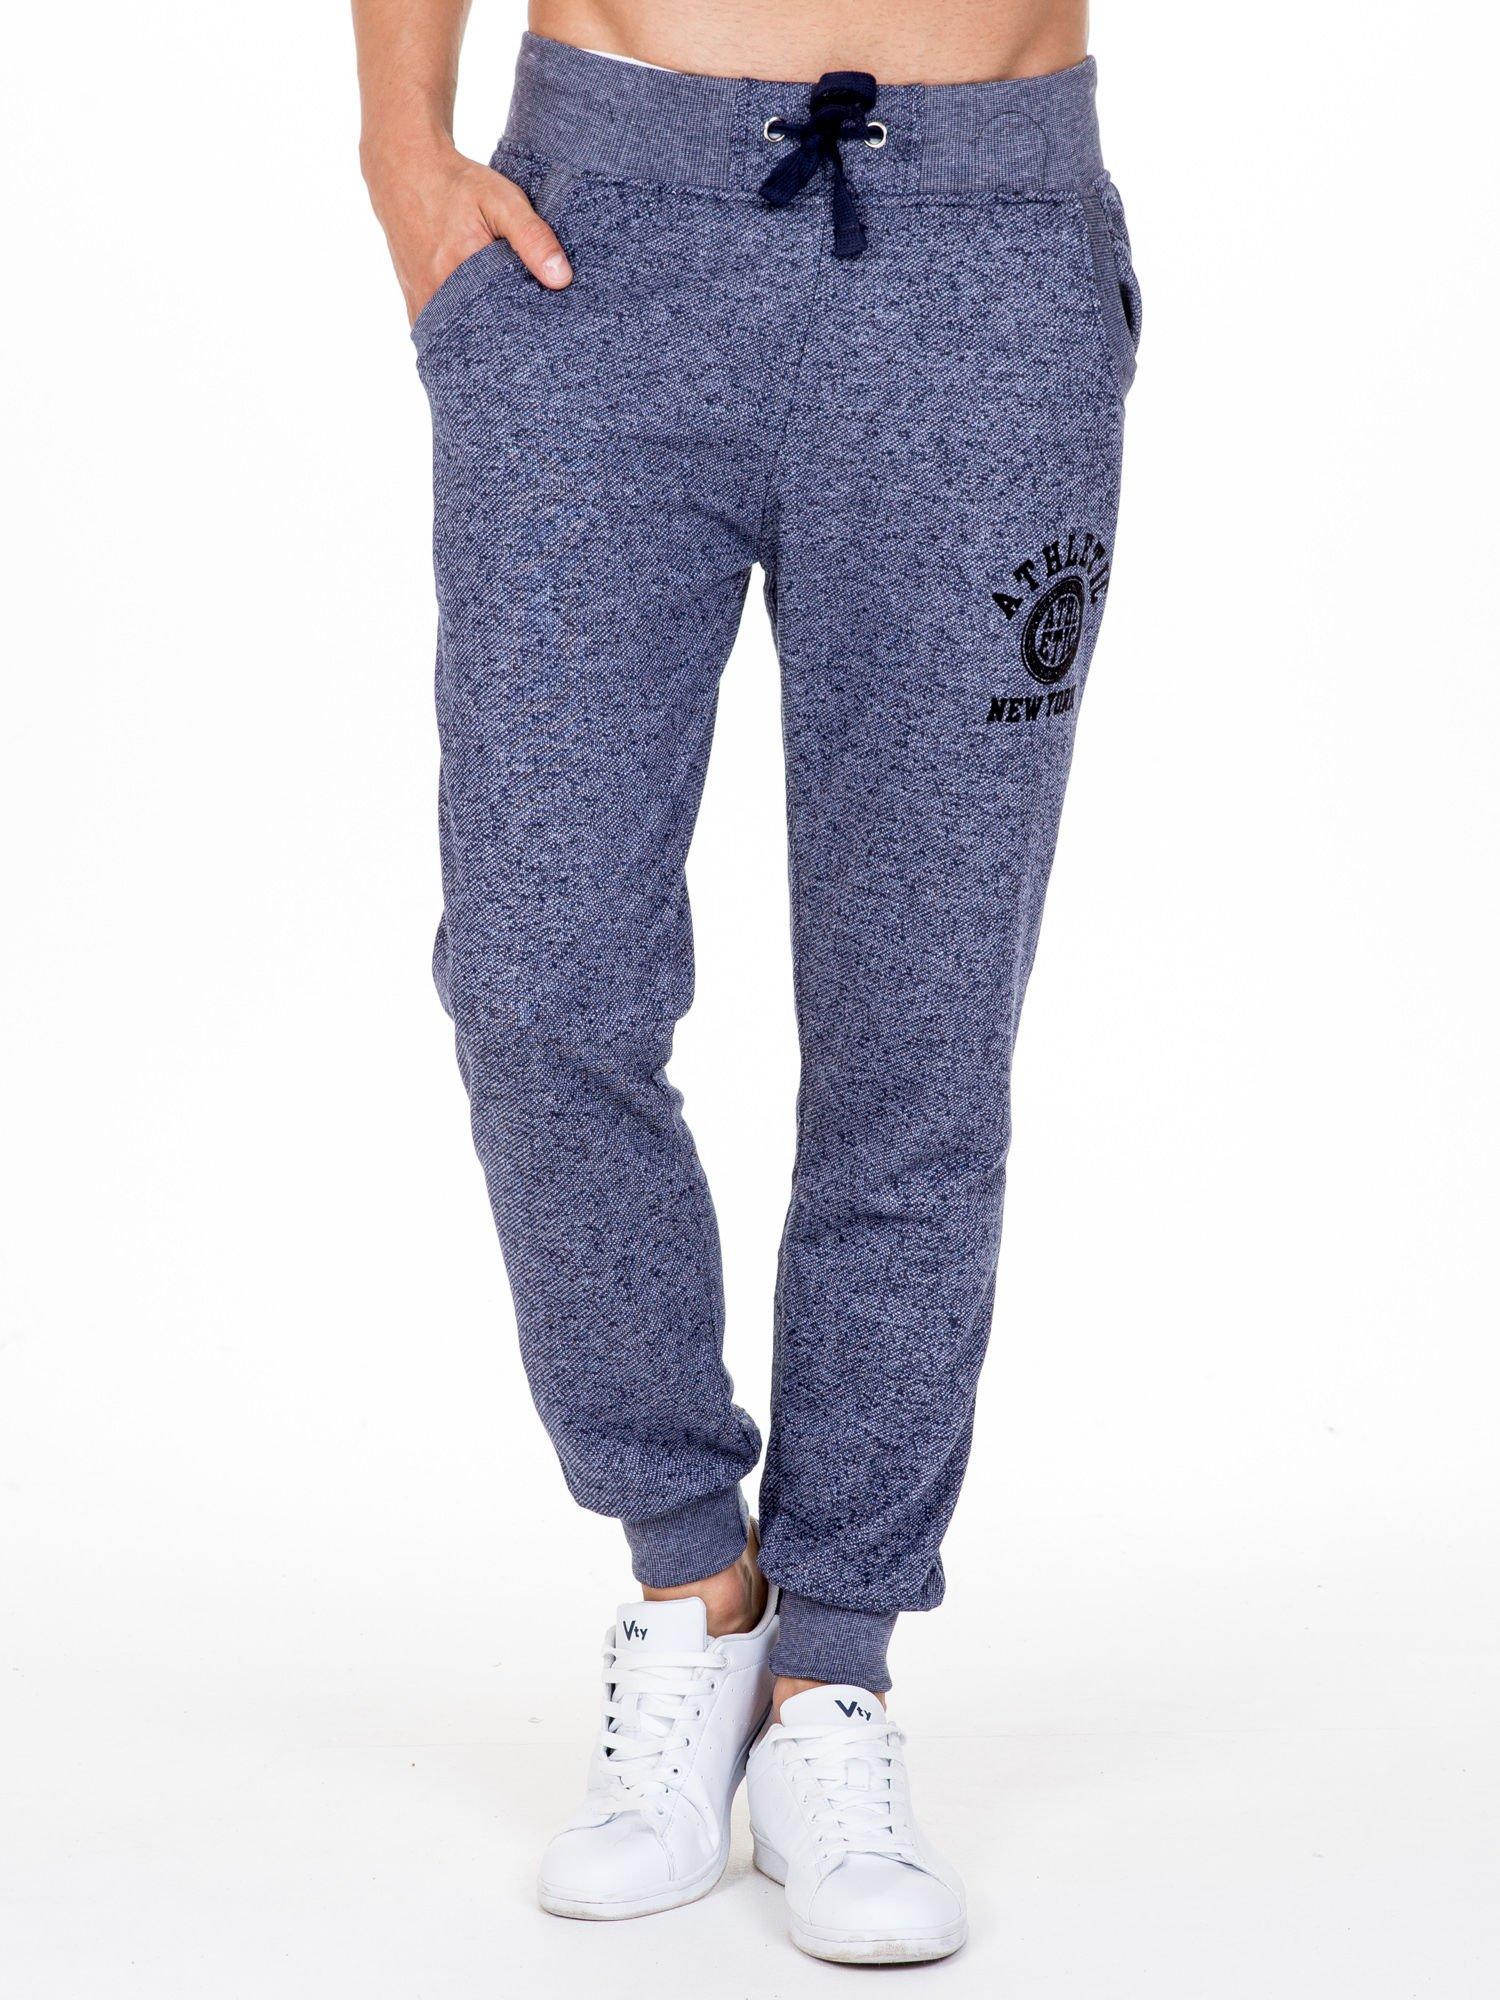 Granatowe melanżowe spodnie męskie z kieszeniami i aplikacją                                  zdj.                                  1